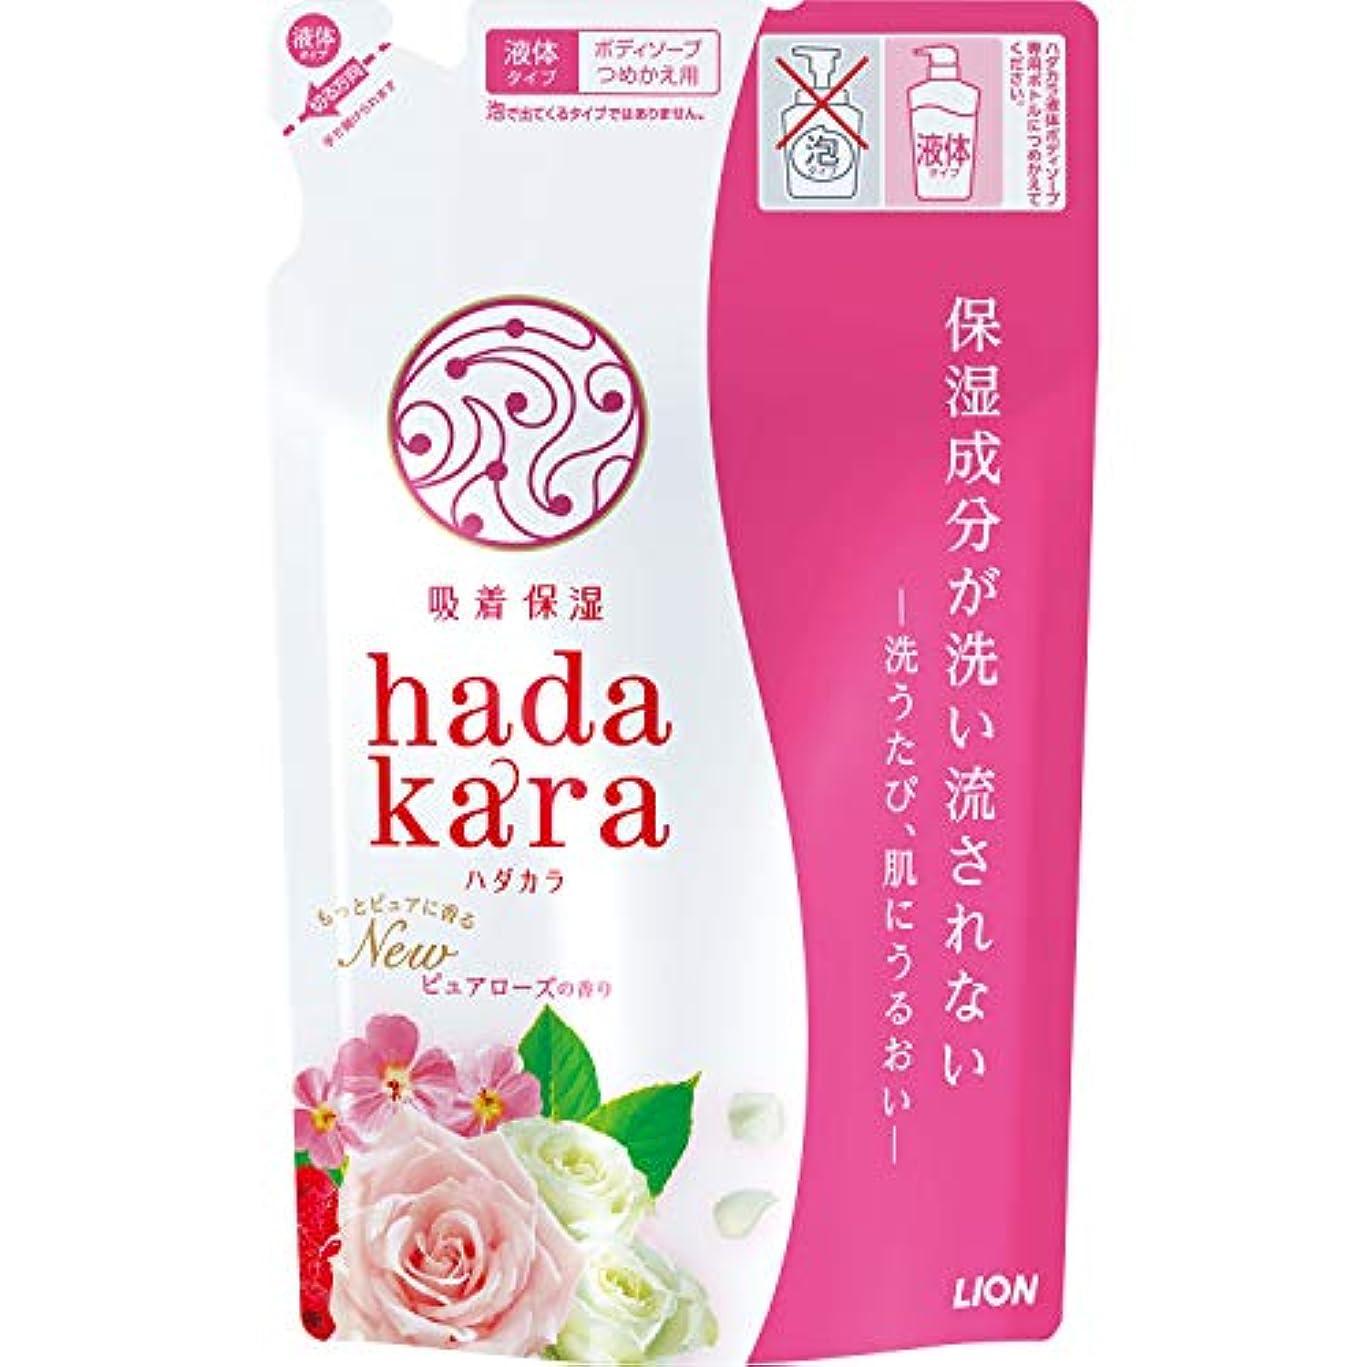 因子裕福な用心hadakara(ハダカラ) ボディソープ ピュアローズの香り 詰め替え 360ml